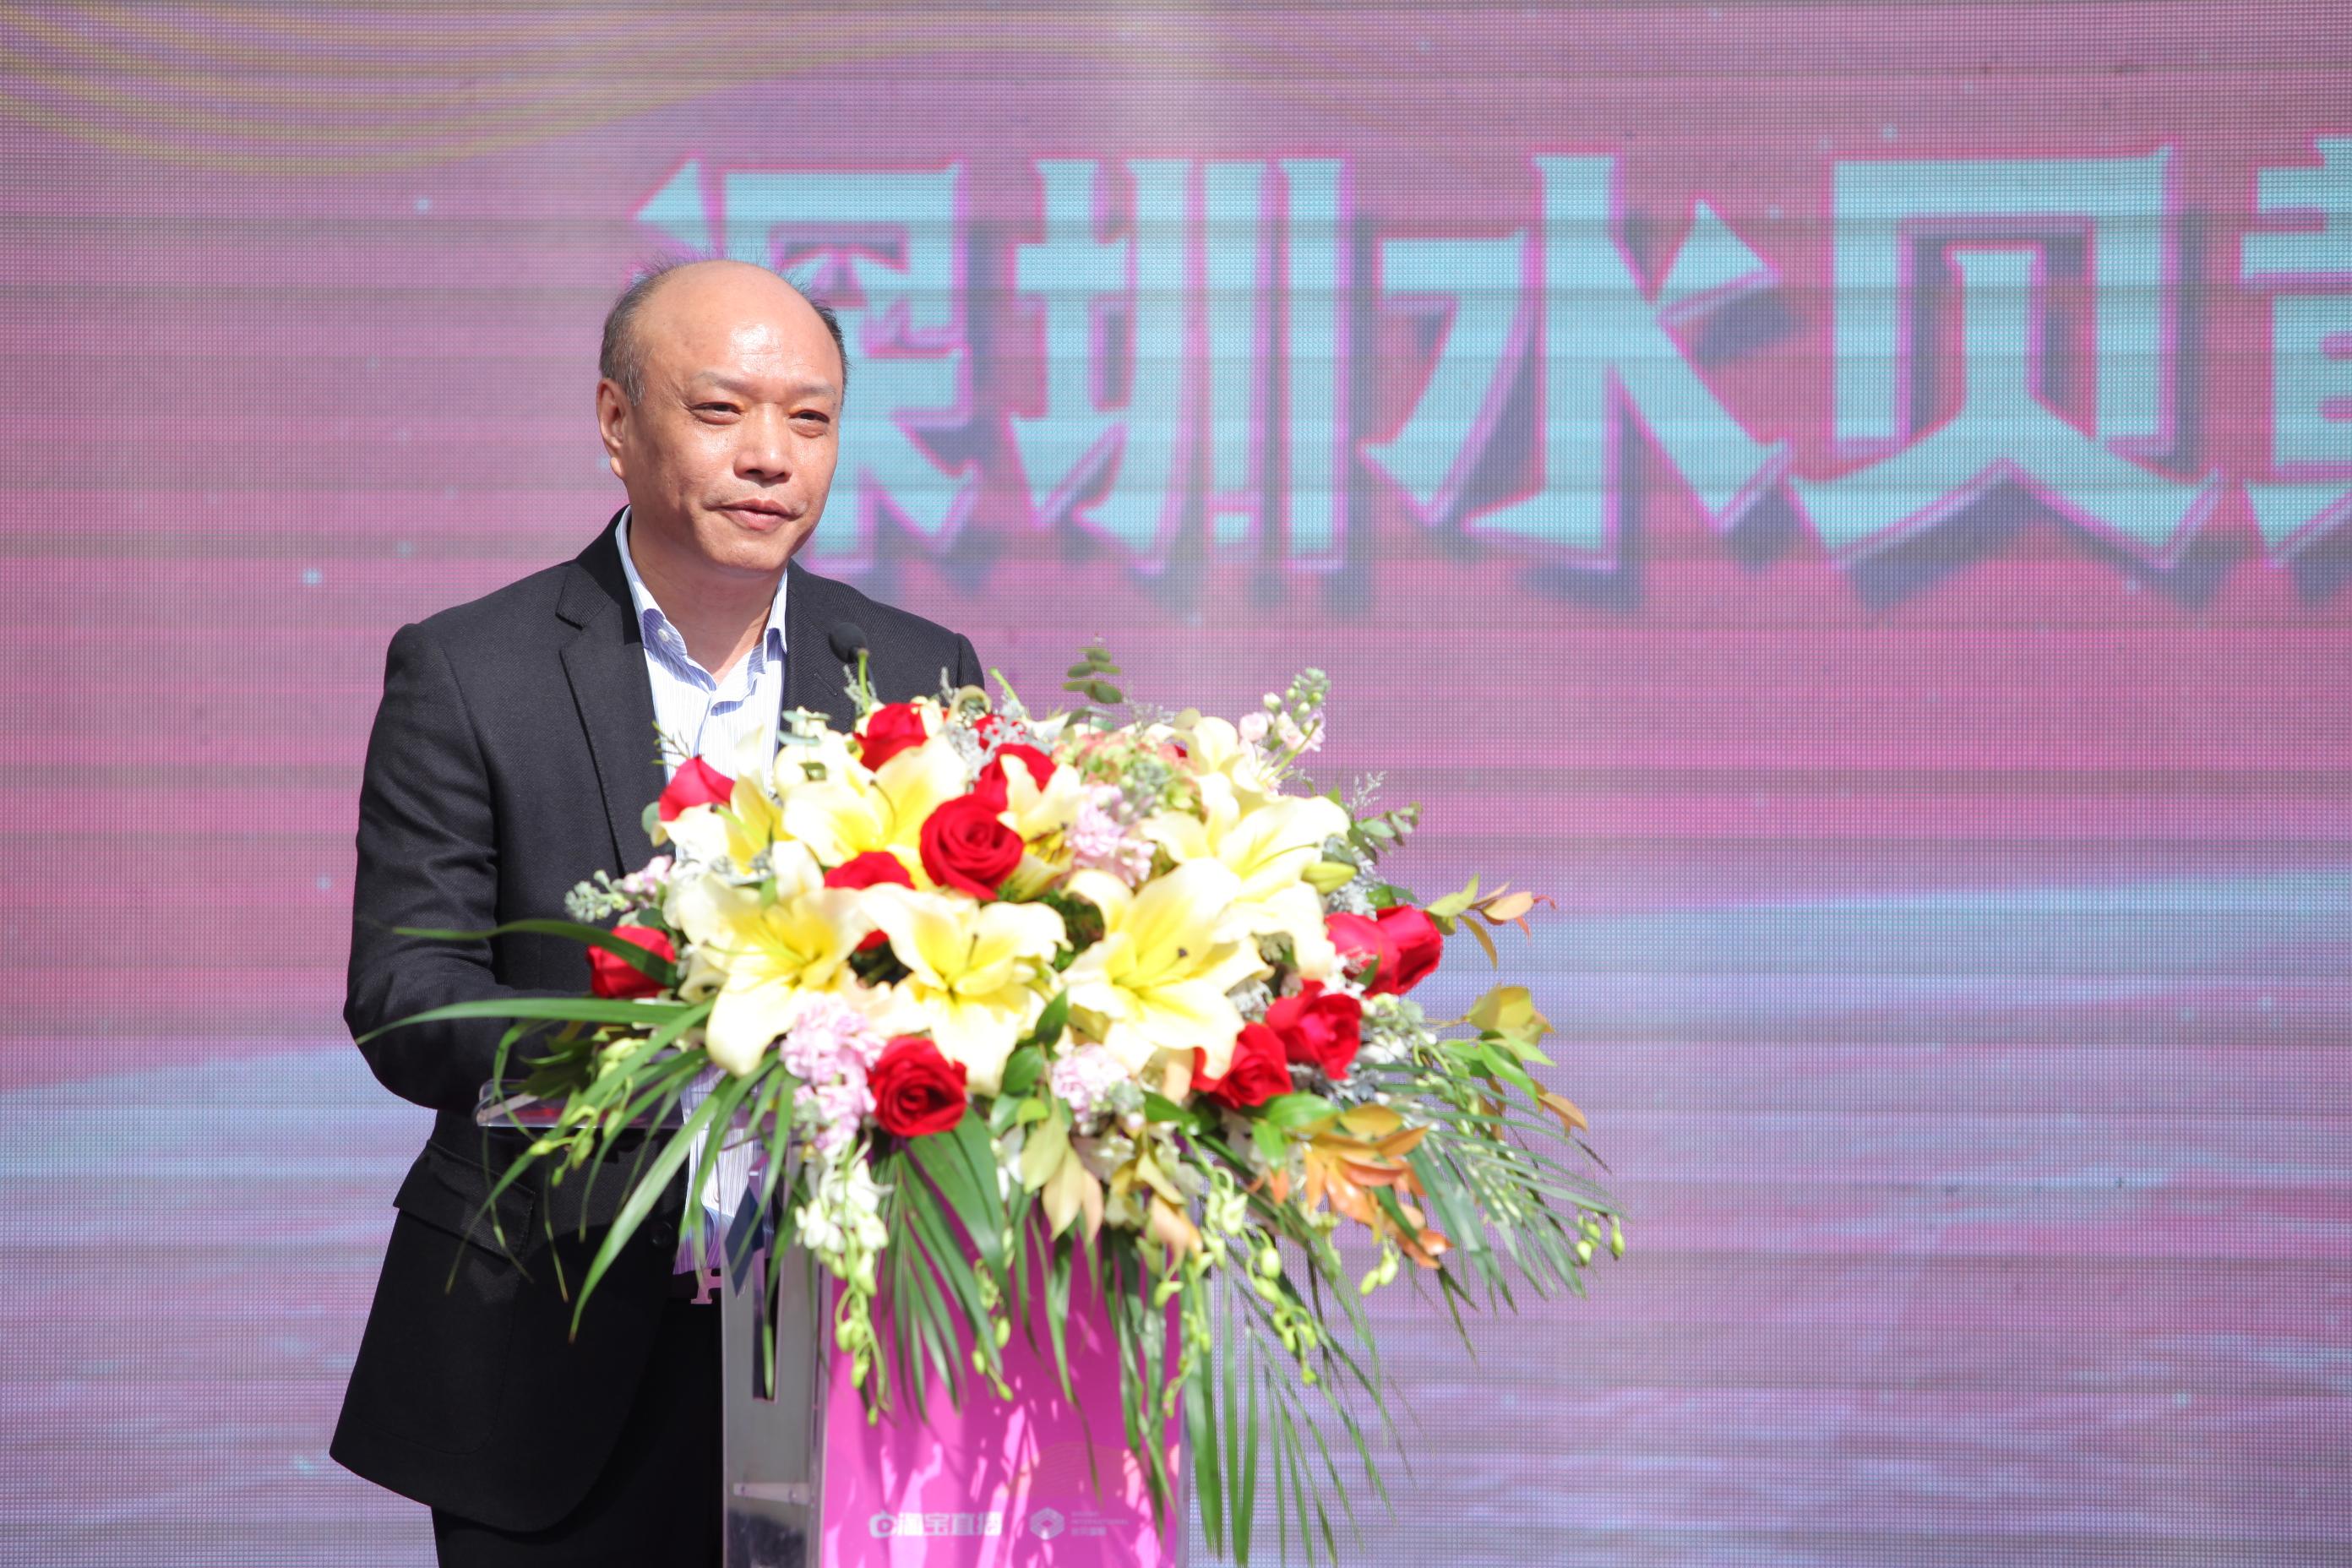 水贝国际珠宝中心陈亿龙副董事长致辞_20181125171252.jpg